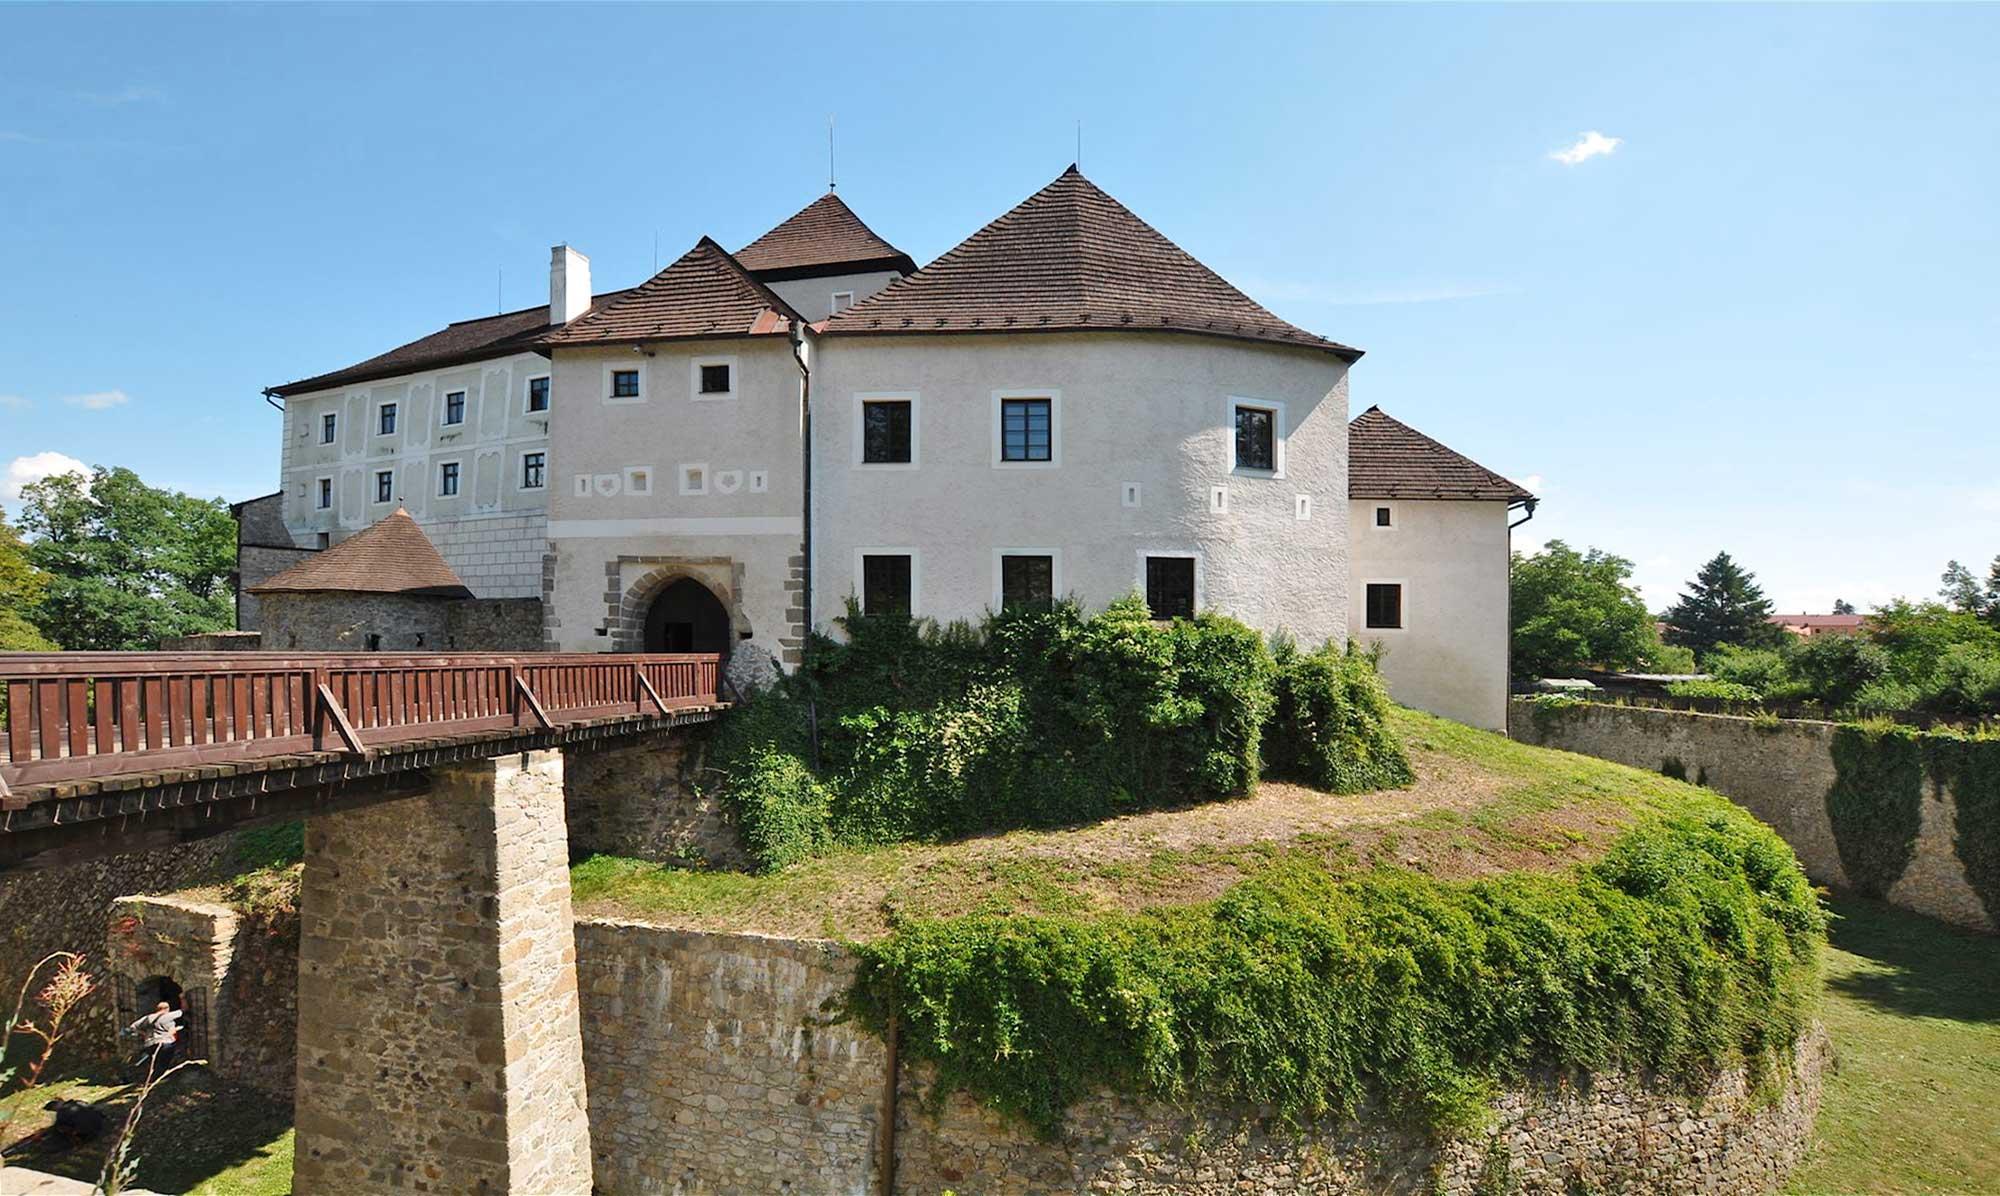 Hrad Nové Hrady - Burg Gratzen